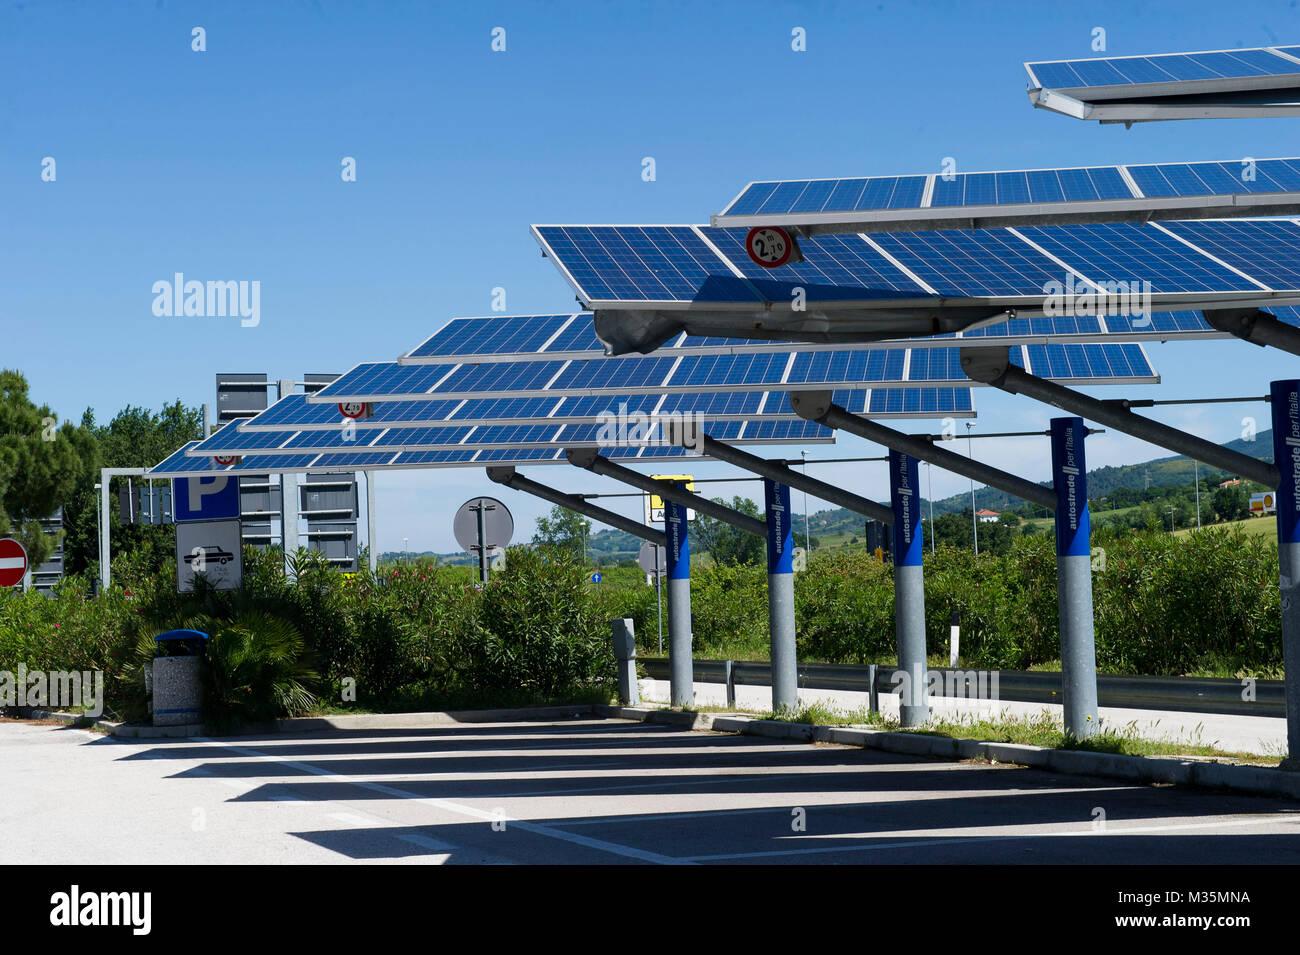 Installer des panneaux solaires sur les domaines de stationnement de l'autoroutes italiennes Photo Stock